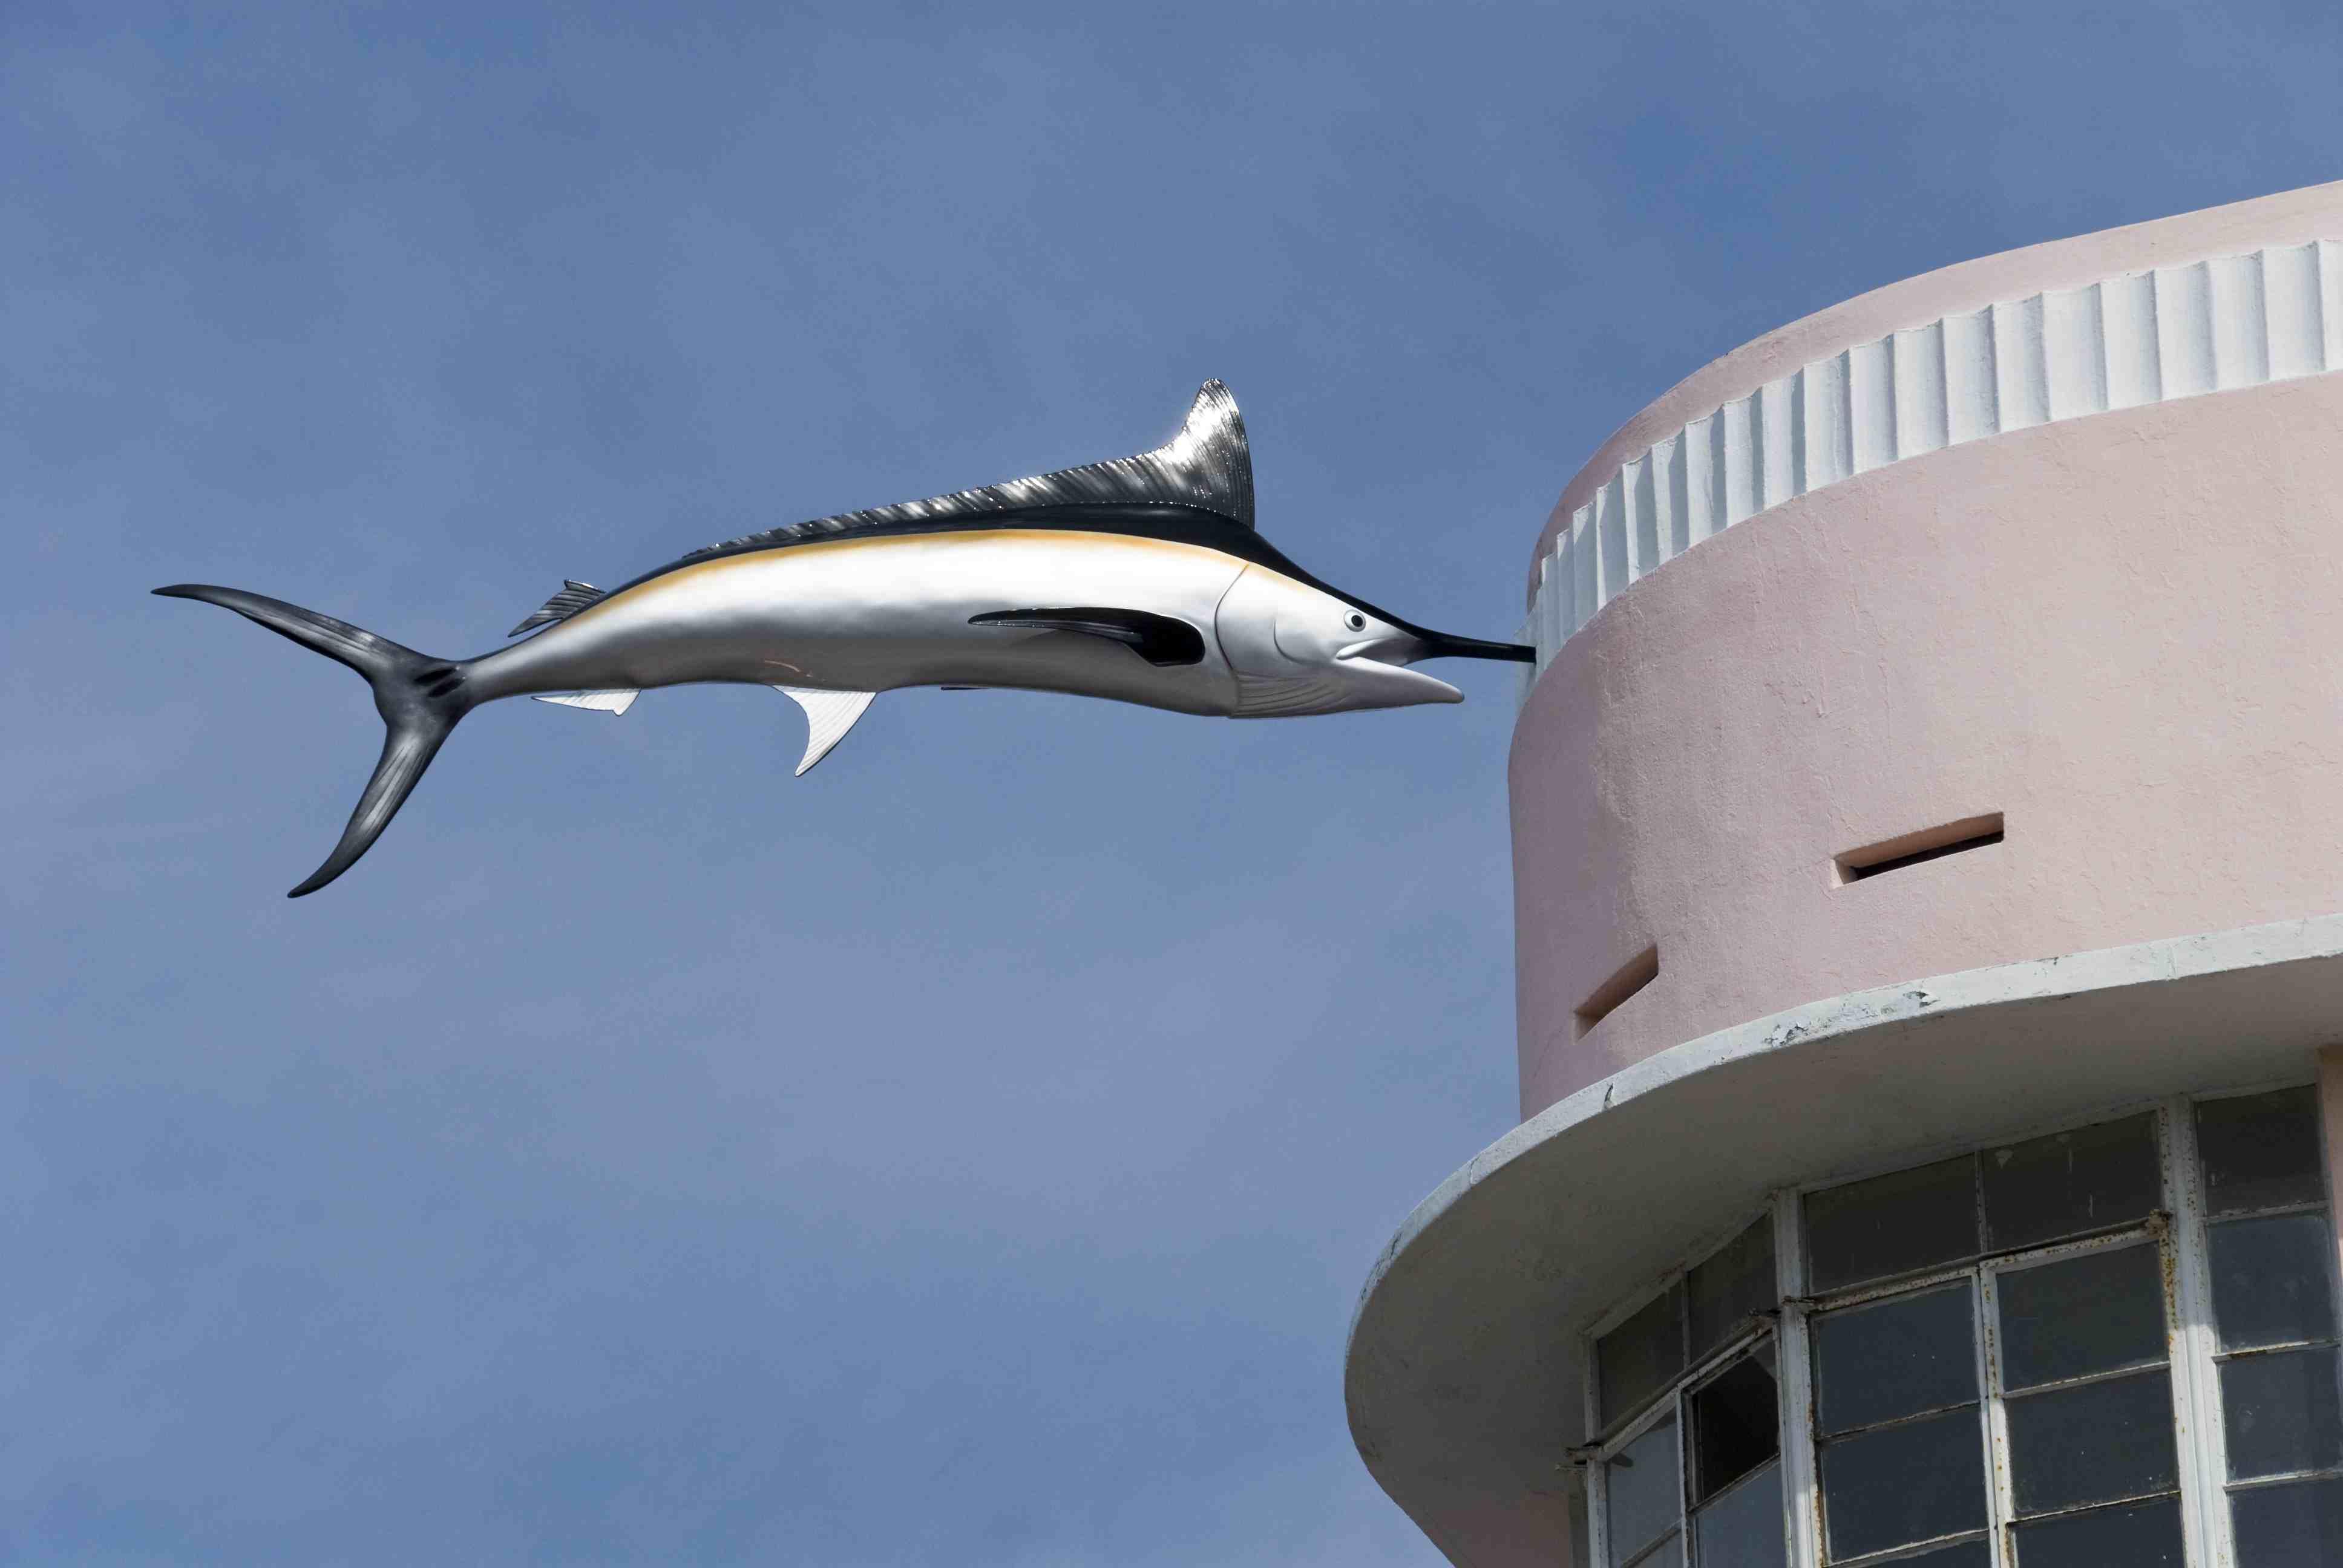 Swordfish stuck in the Art Deco facade of building